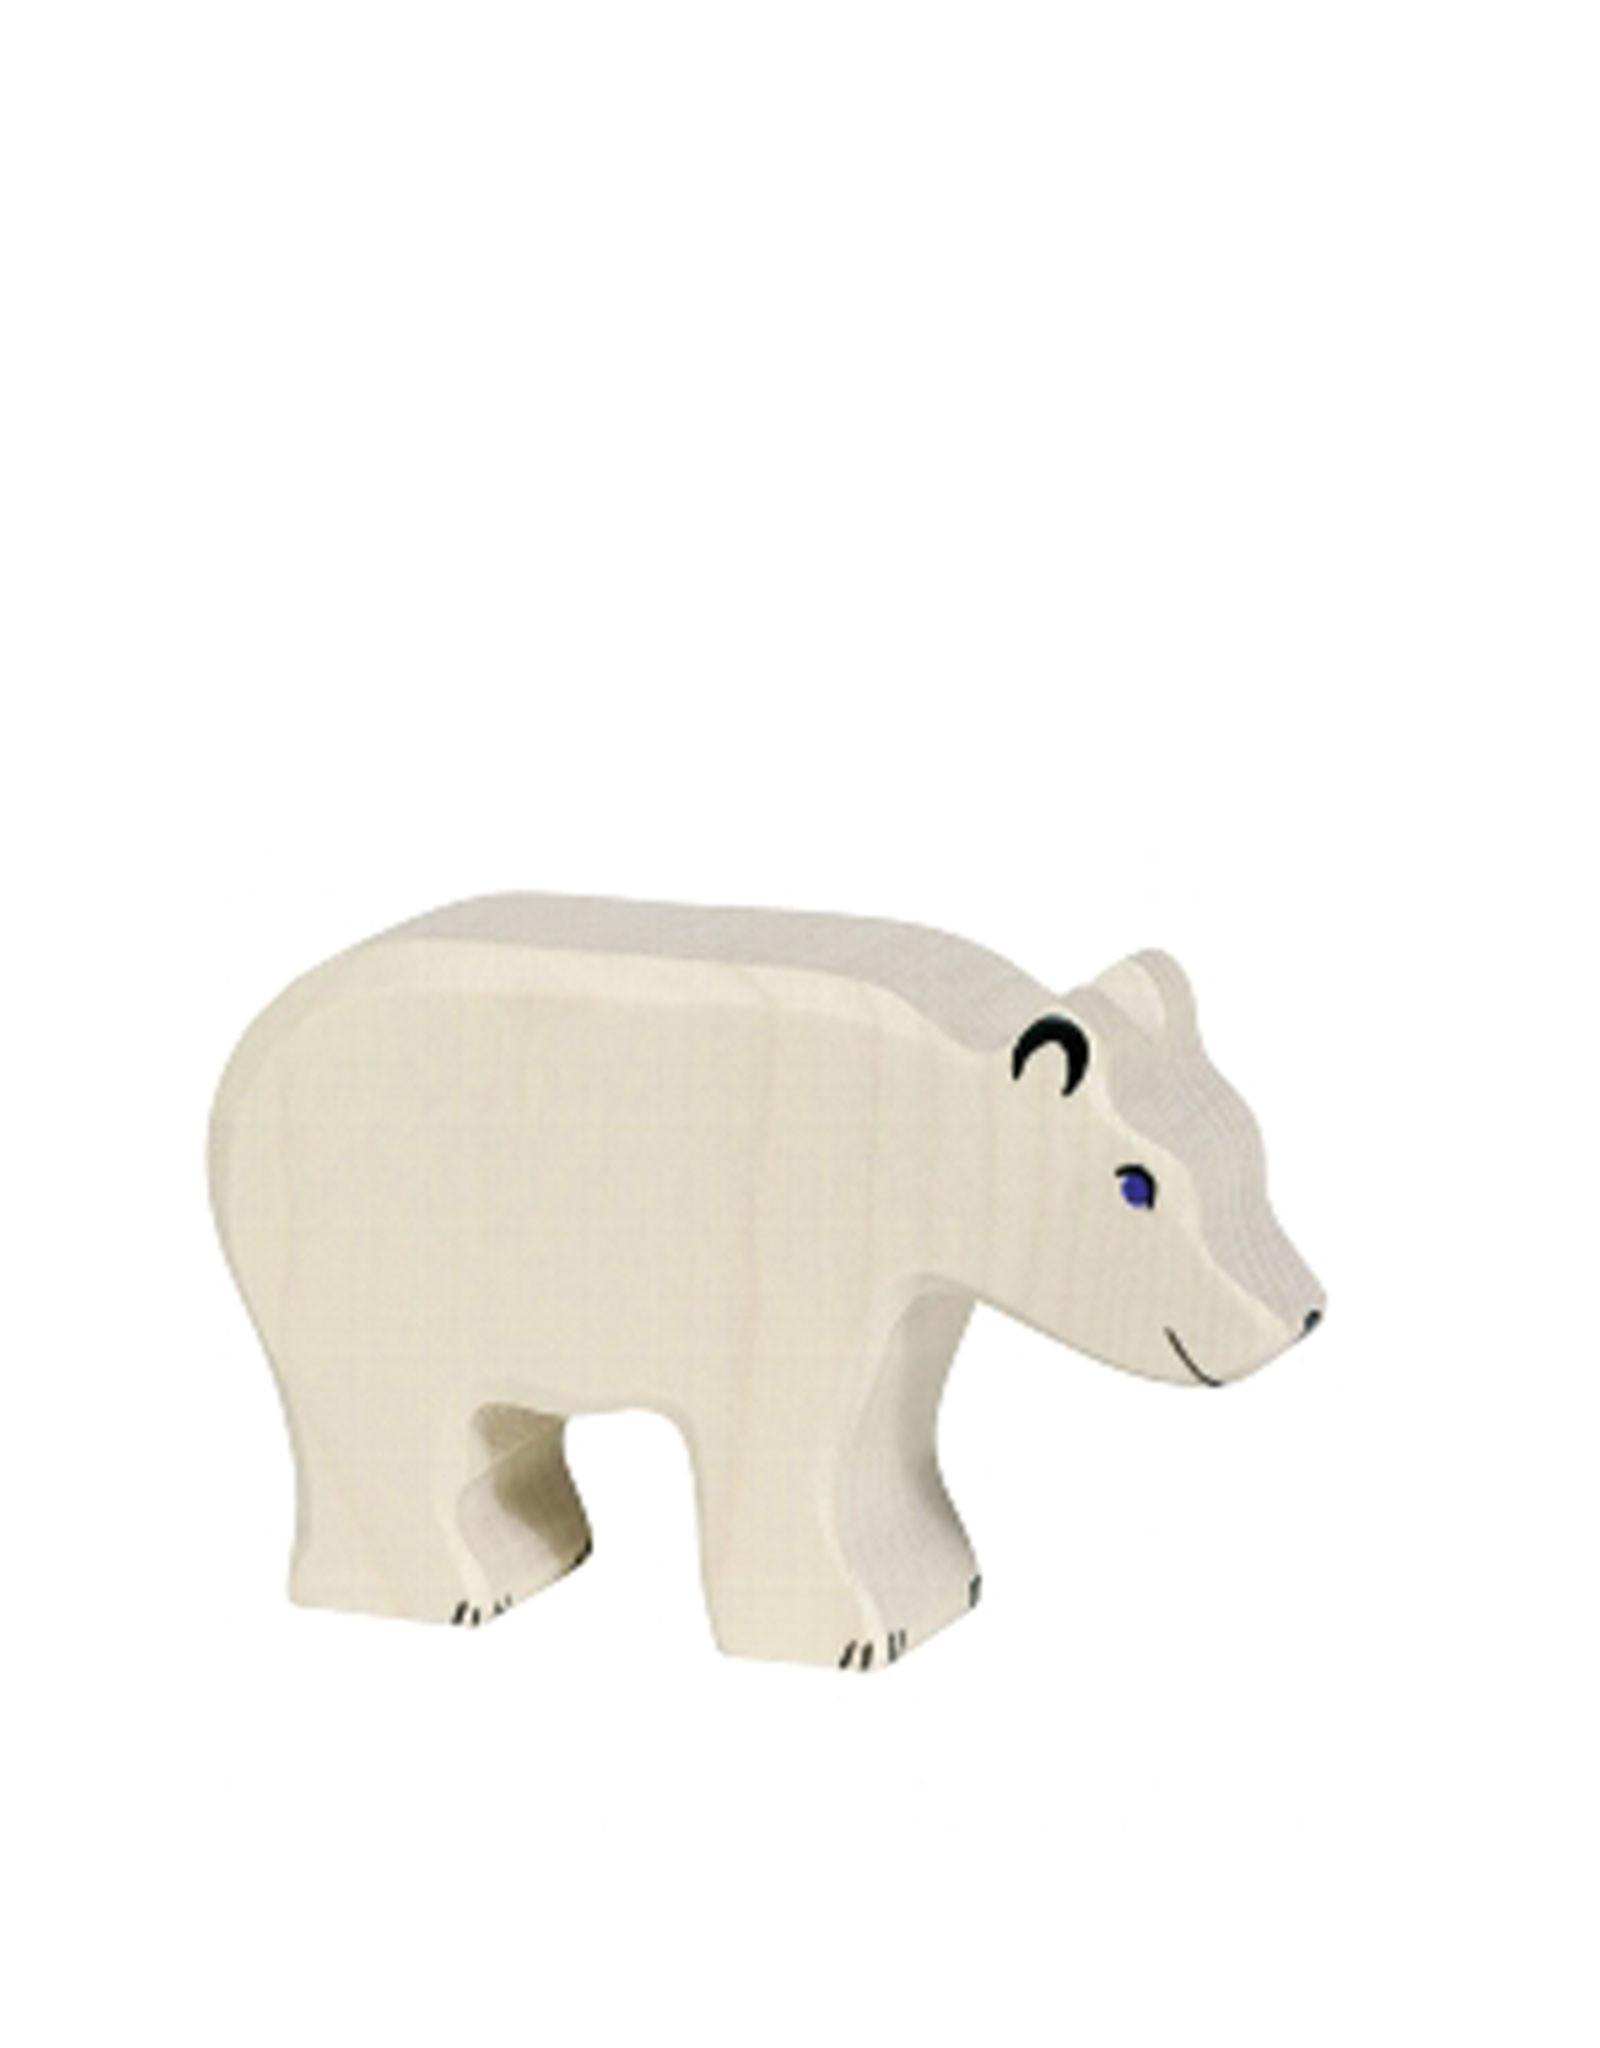 Holztiger Wooden Animal - Polar Bear